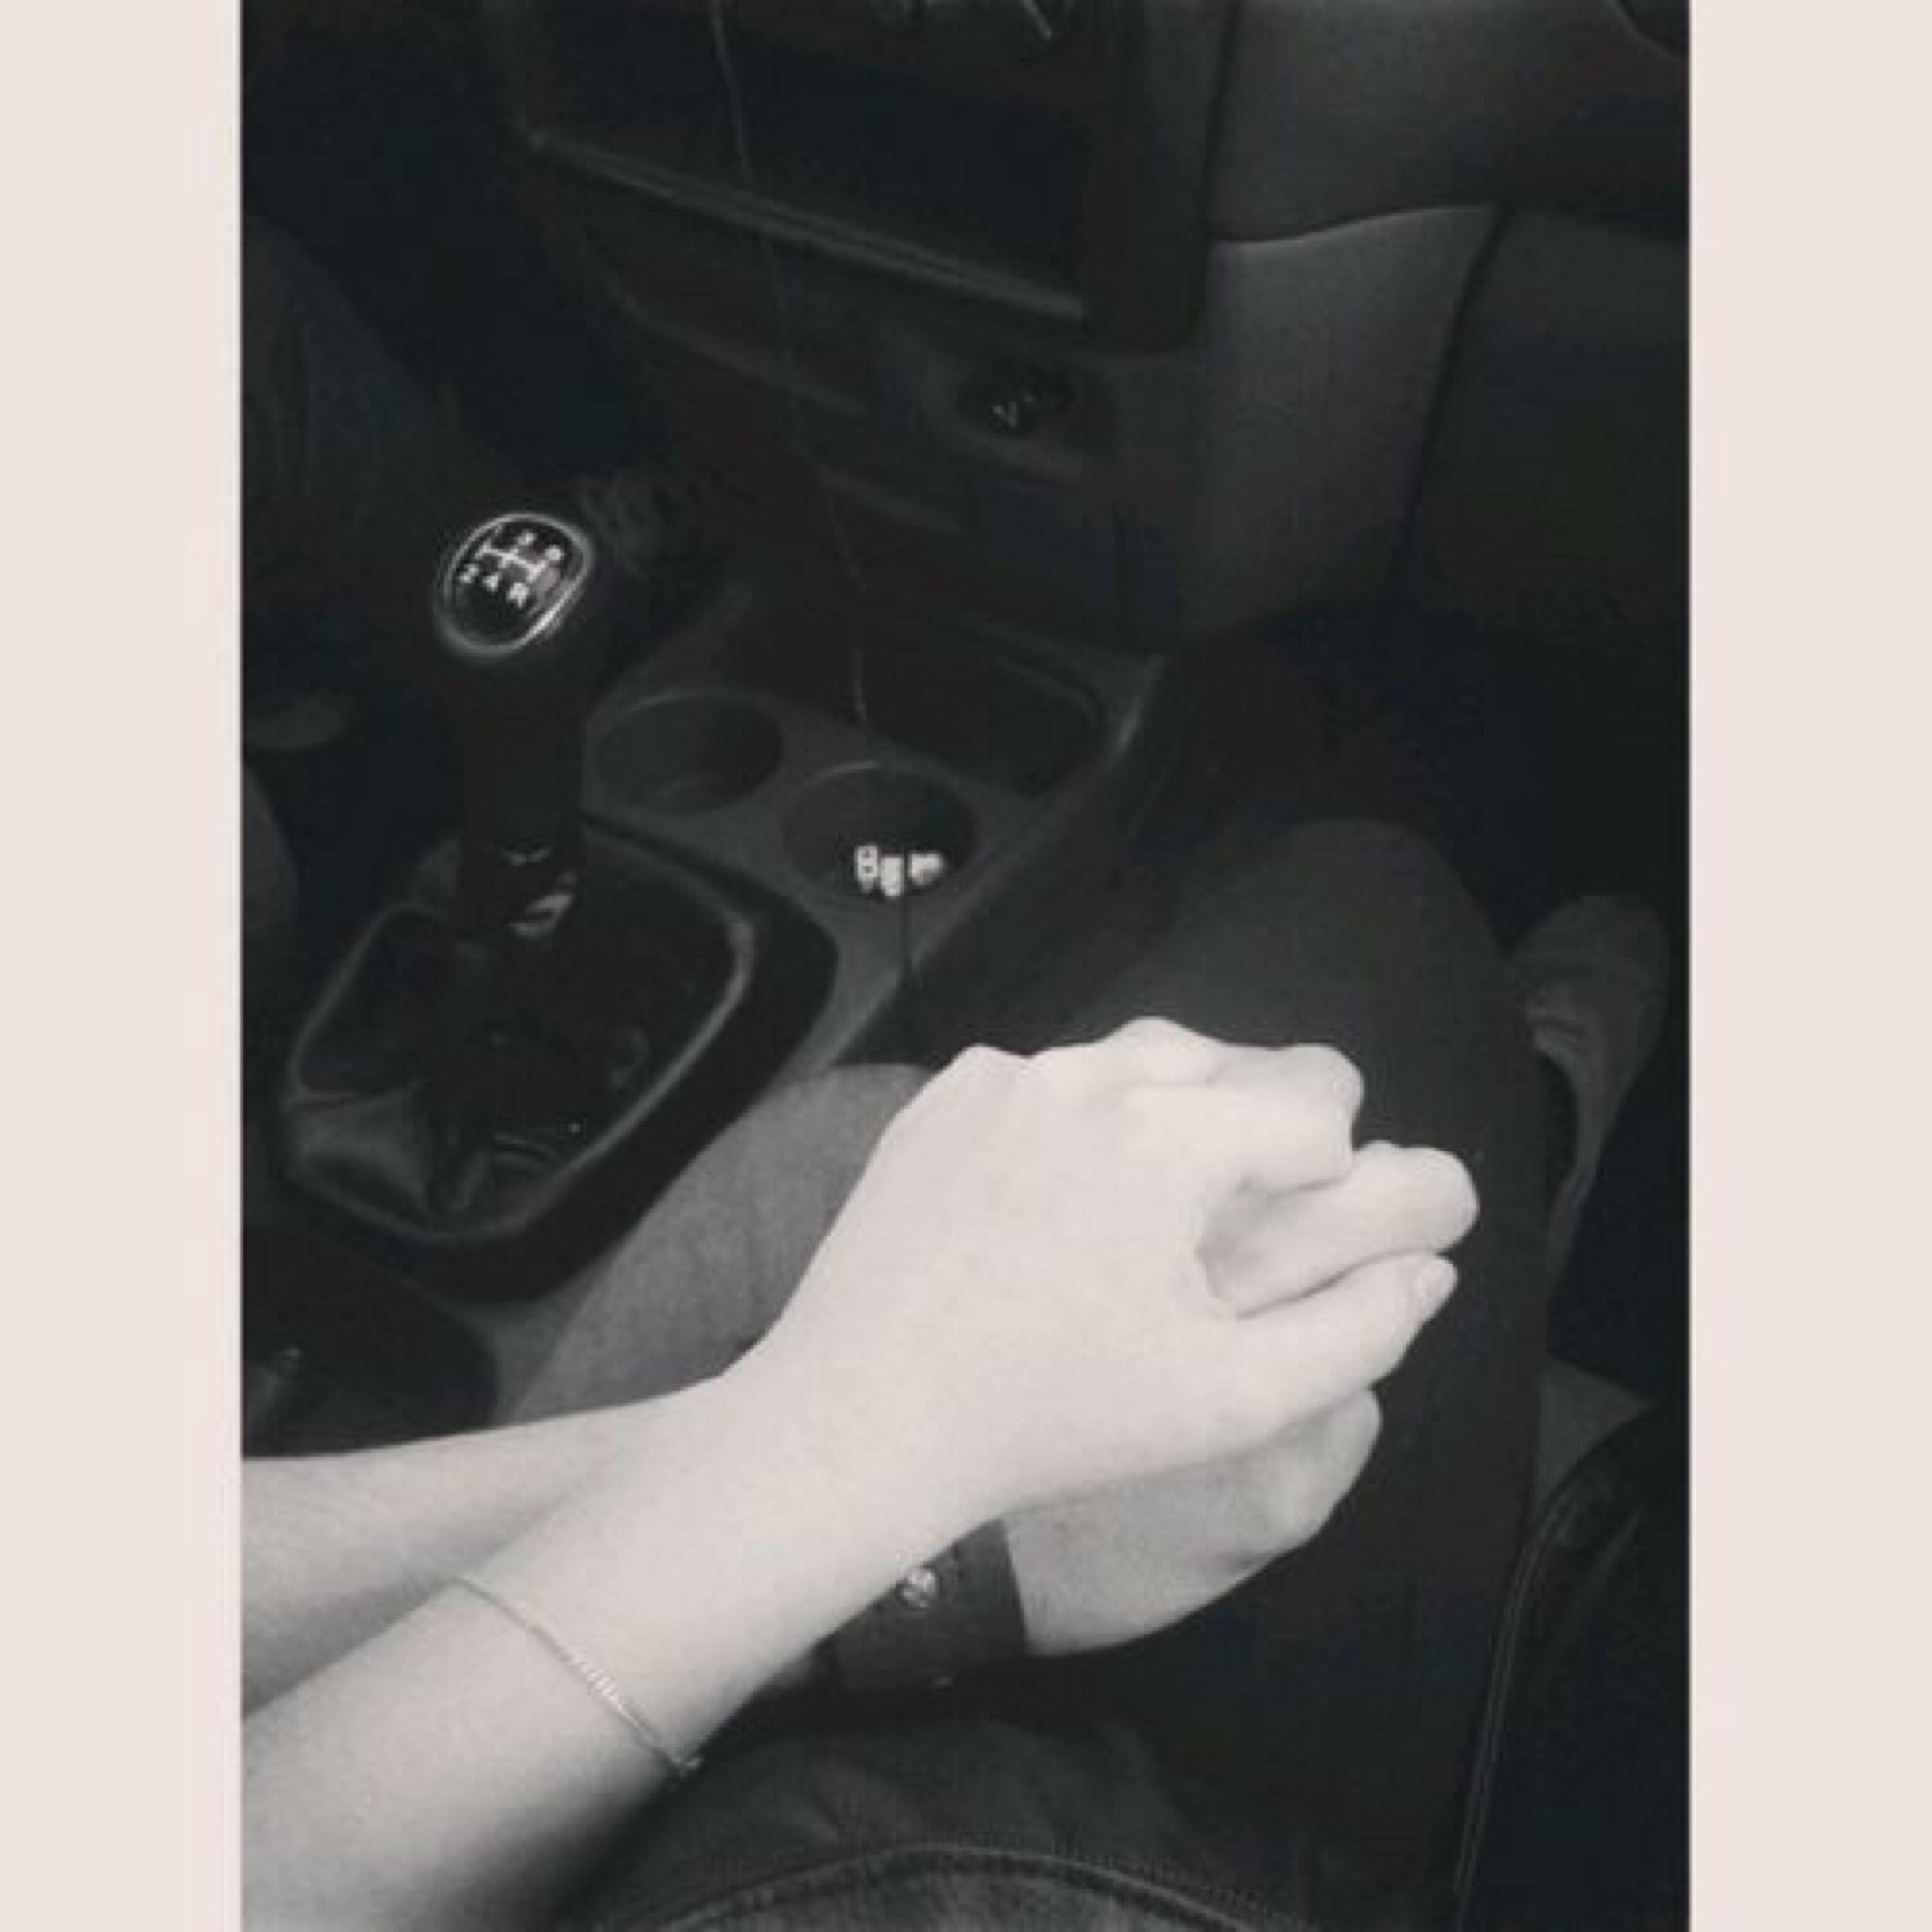 картинки в машине двое держаться за руки зимой